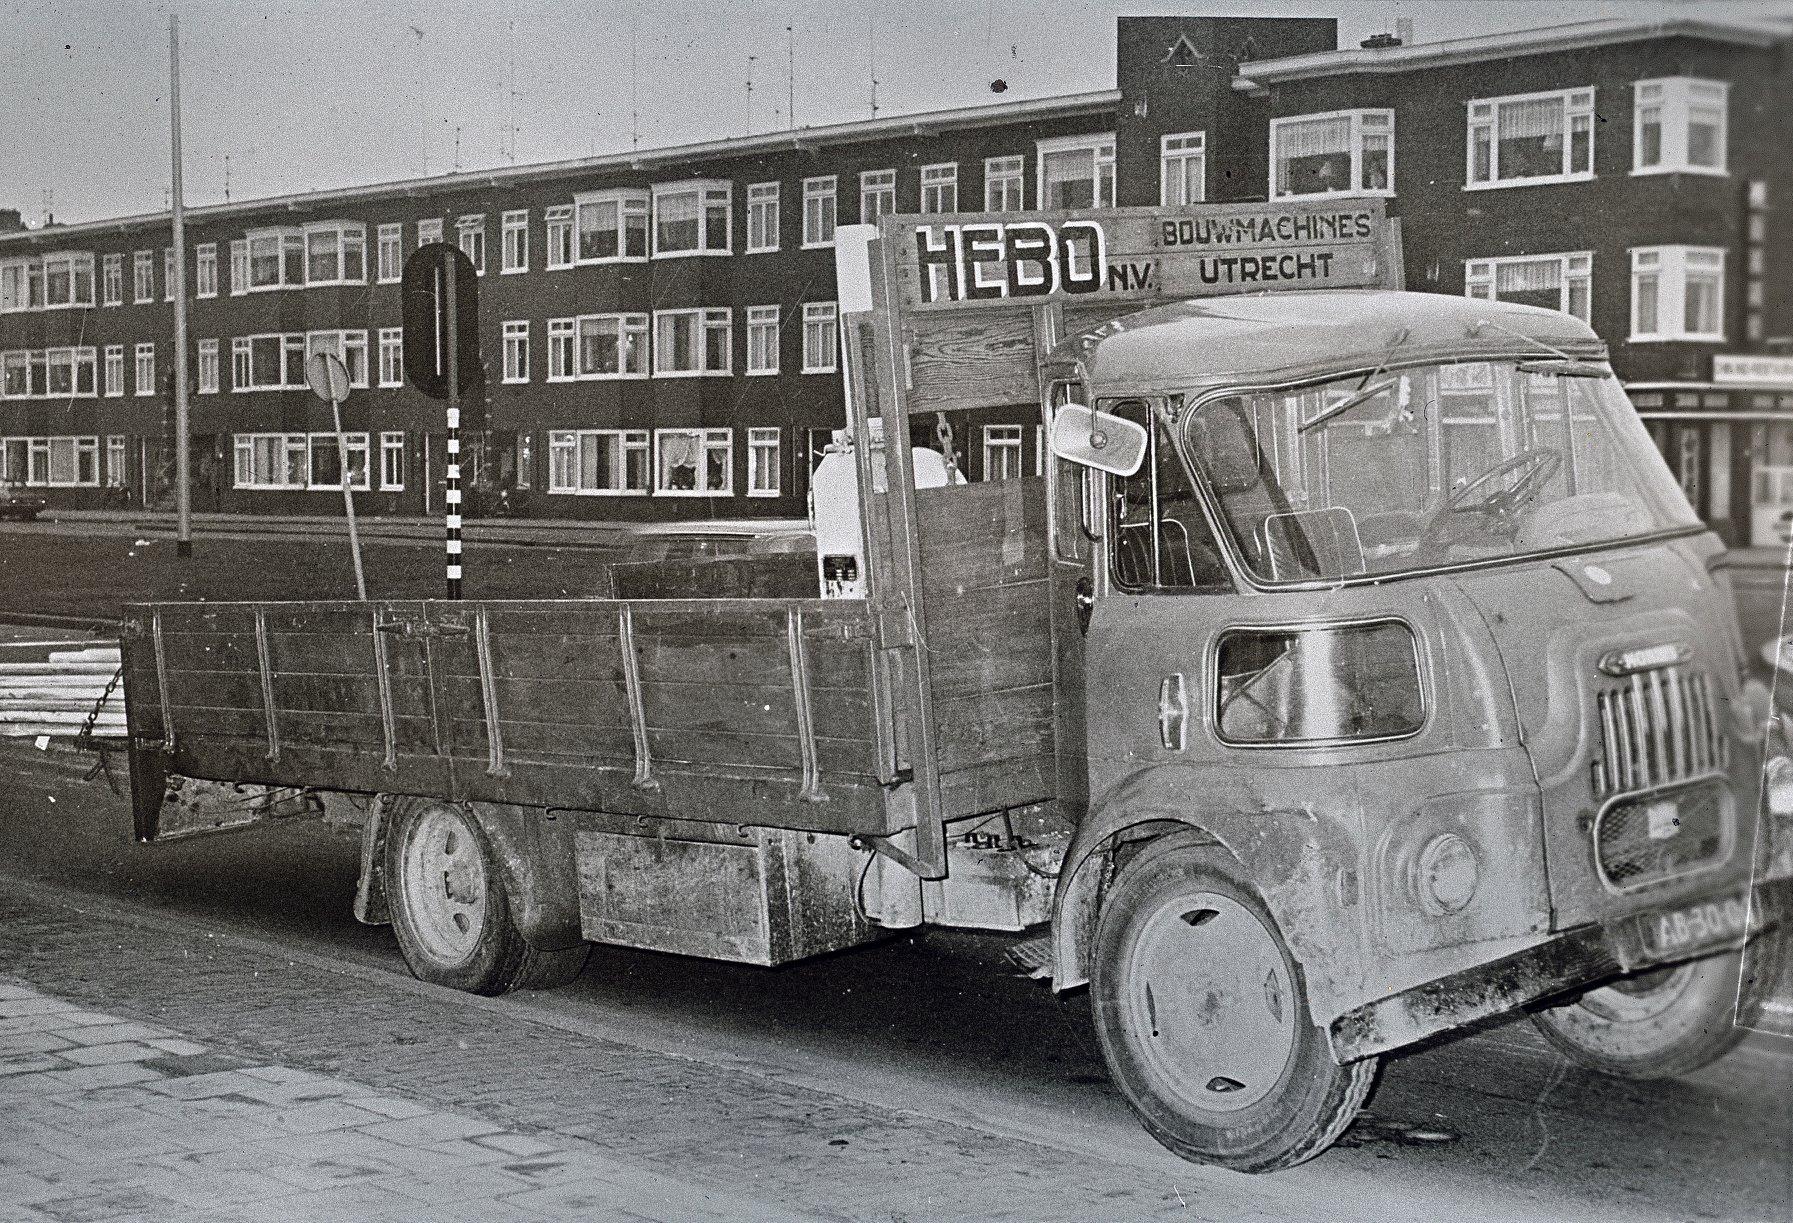 1974-HEBO-Bouwmachines-N-V-op-de-Croeselaan-te-Utrecht